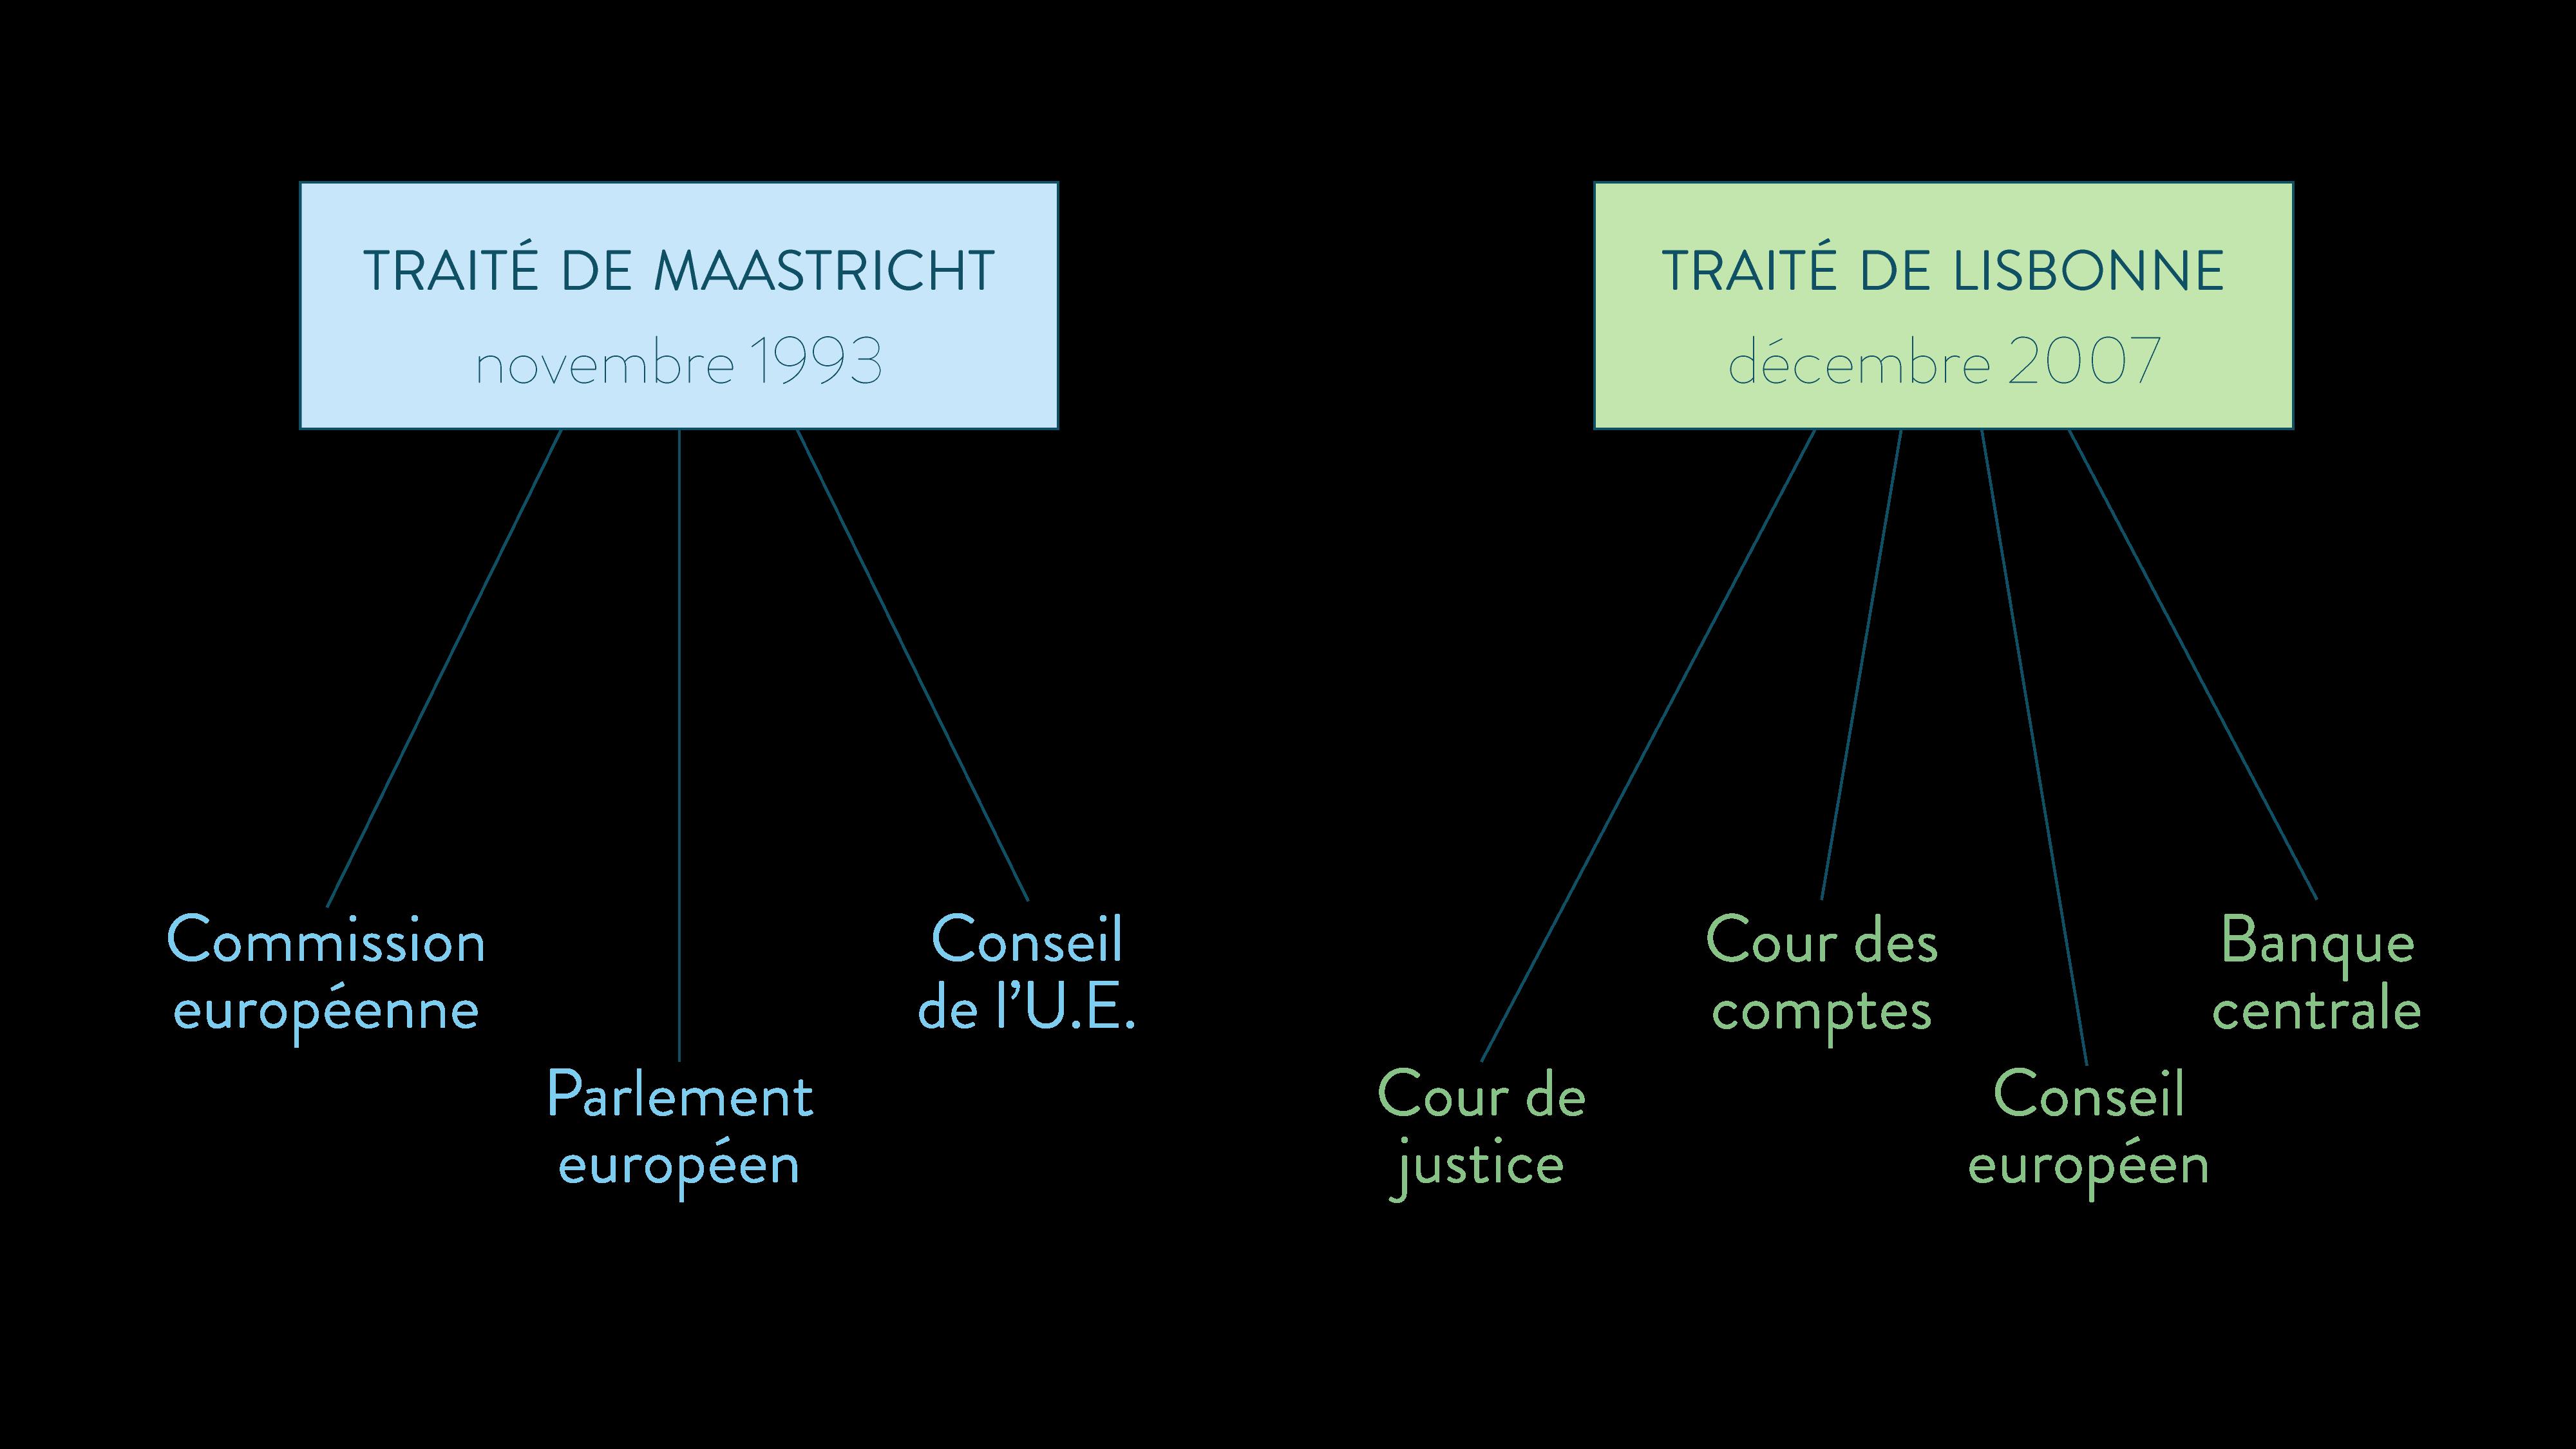 traité de Maastricht et traité de Lisbonne ses terminale